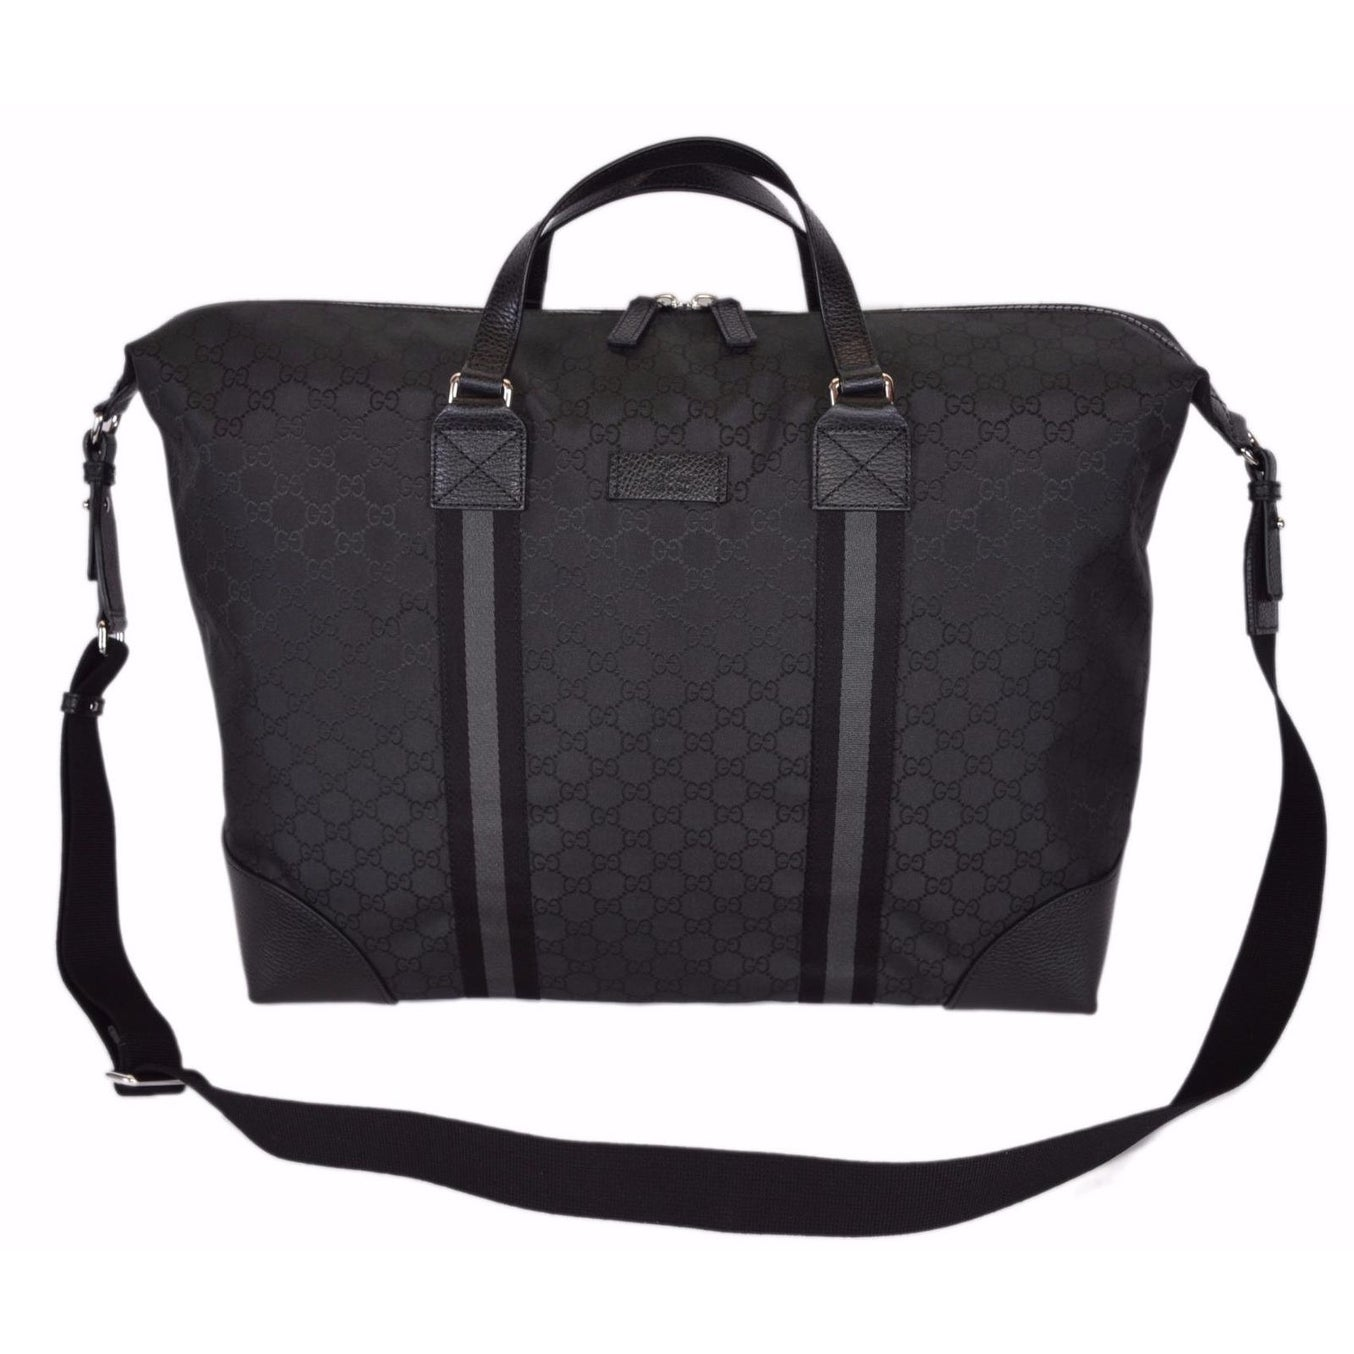 d58637f4fda6d3 Shop Gucci 449180 Black Nylon GG Guccissima XL Travel Duffle Luggage ...